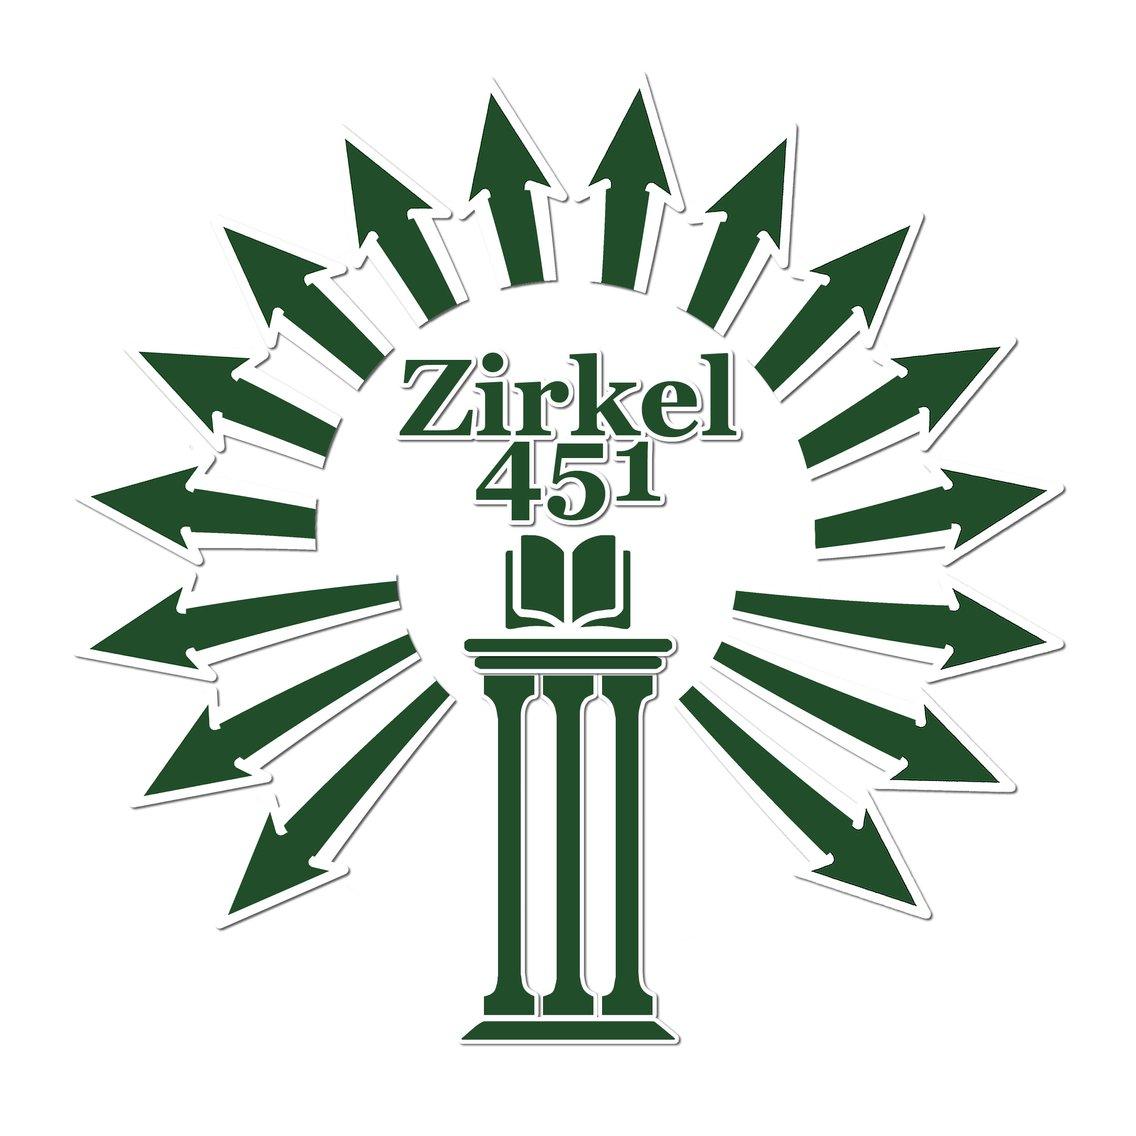 Zirkel 451 - immagine di copertina